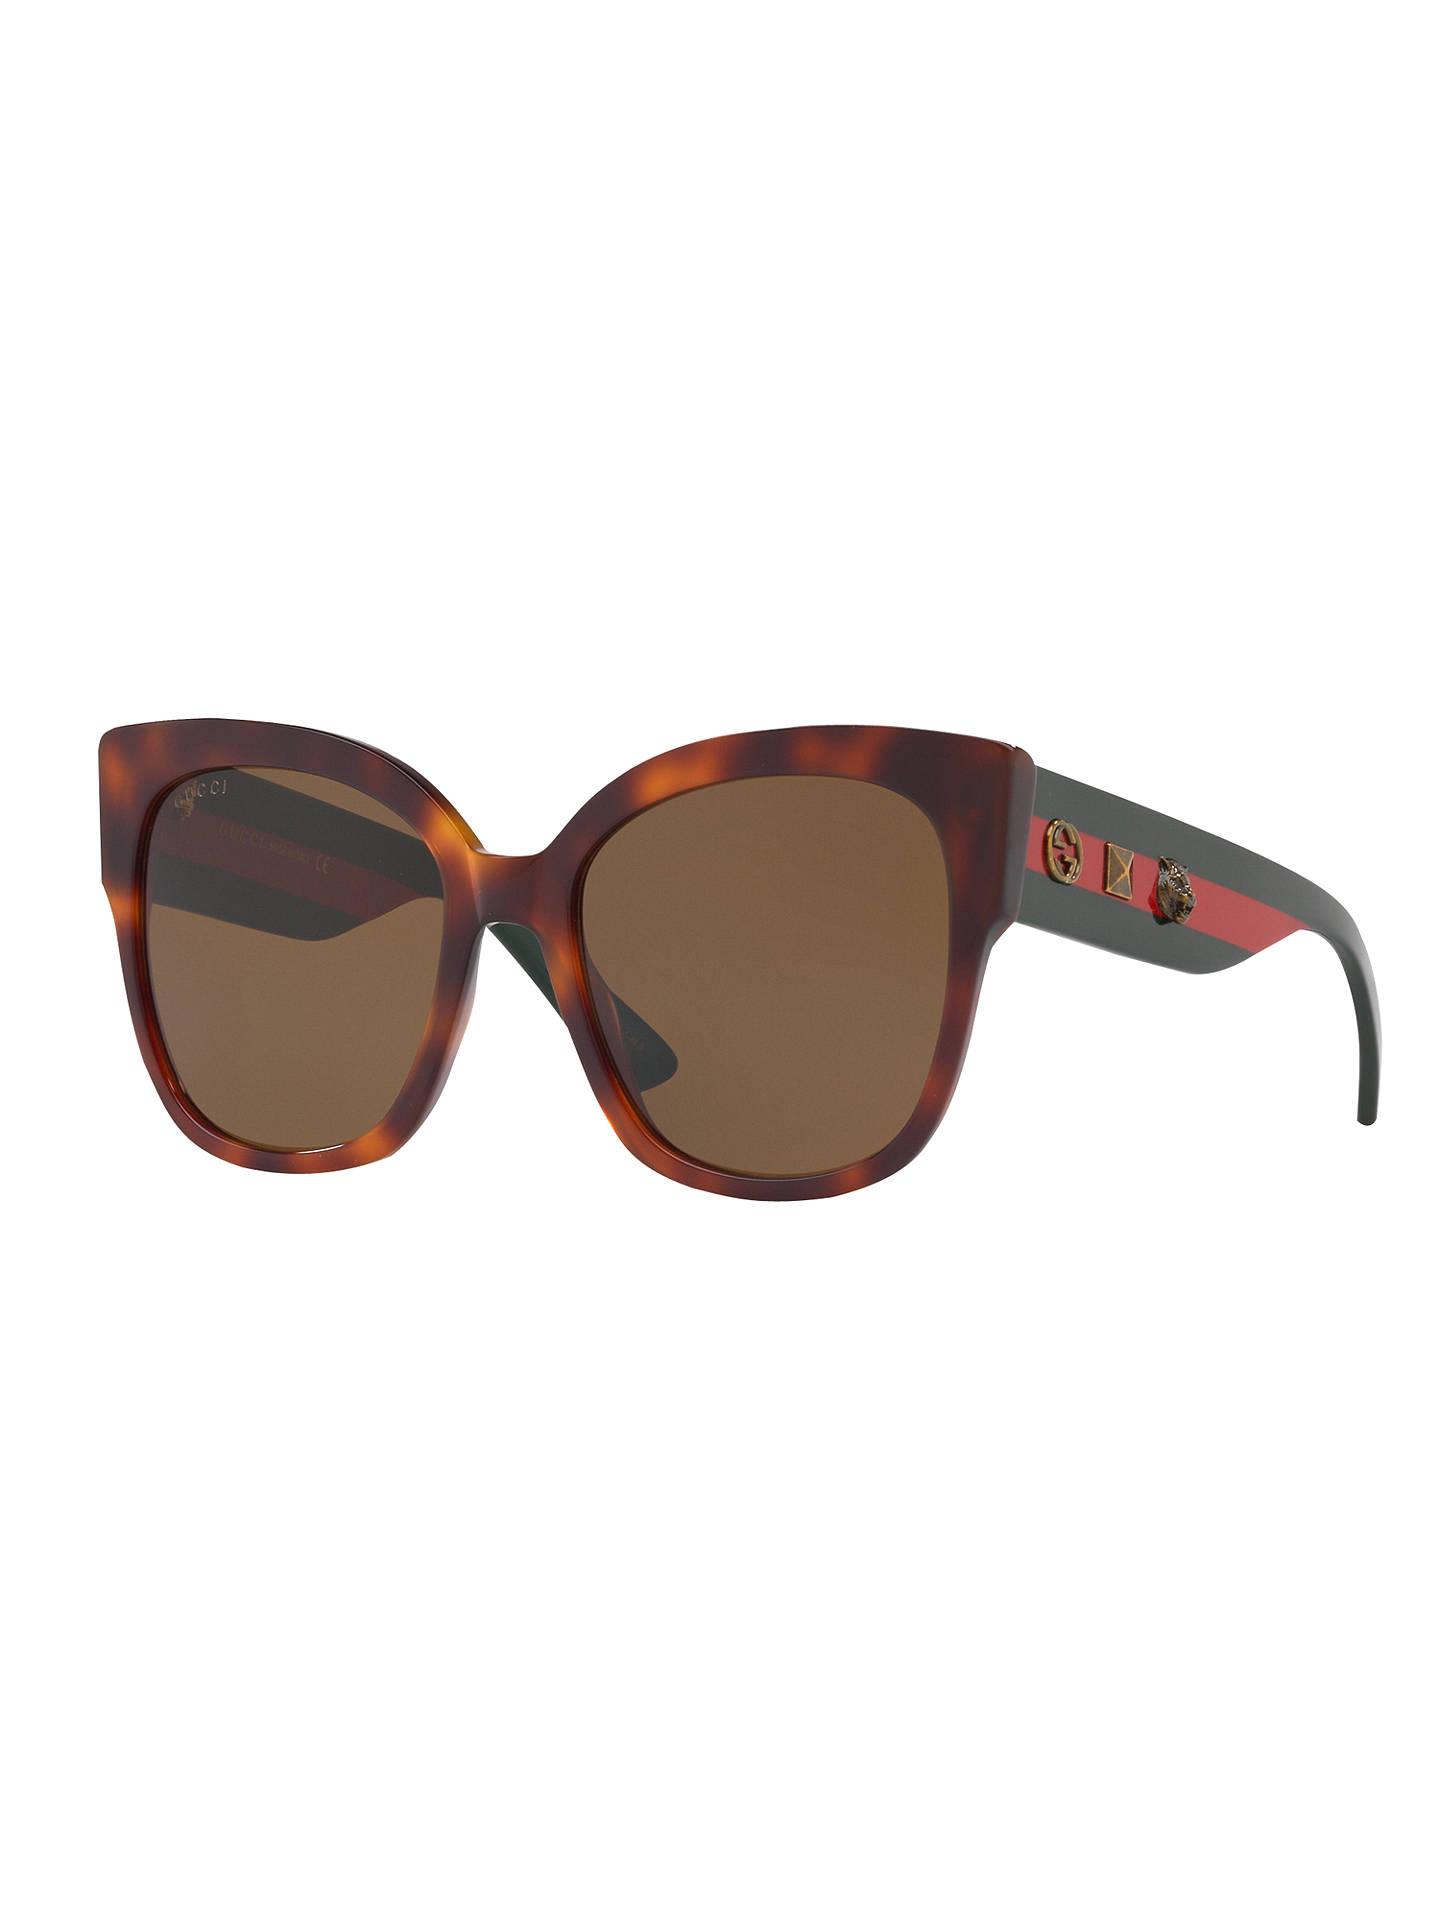 0243483d9b2 Buy Gucci GG0059S Square Sunglasses